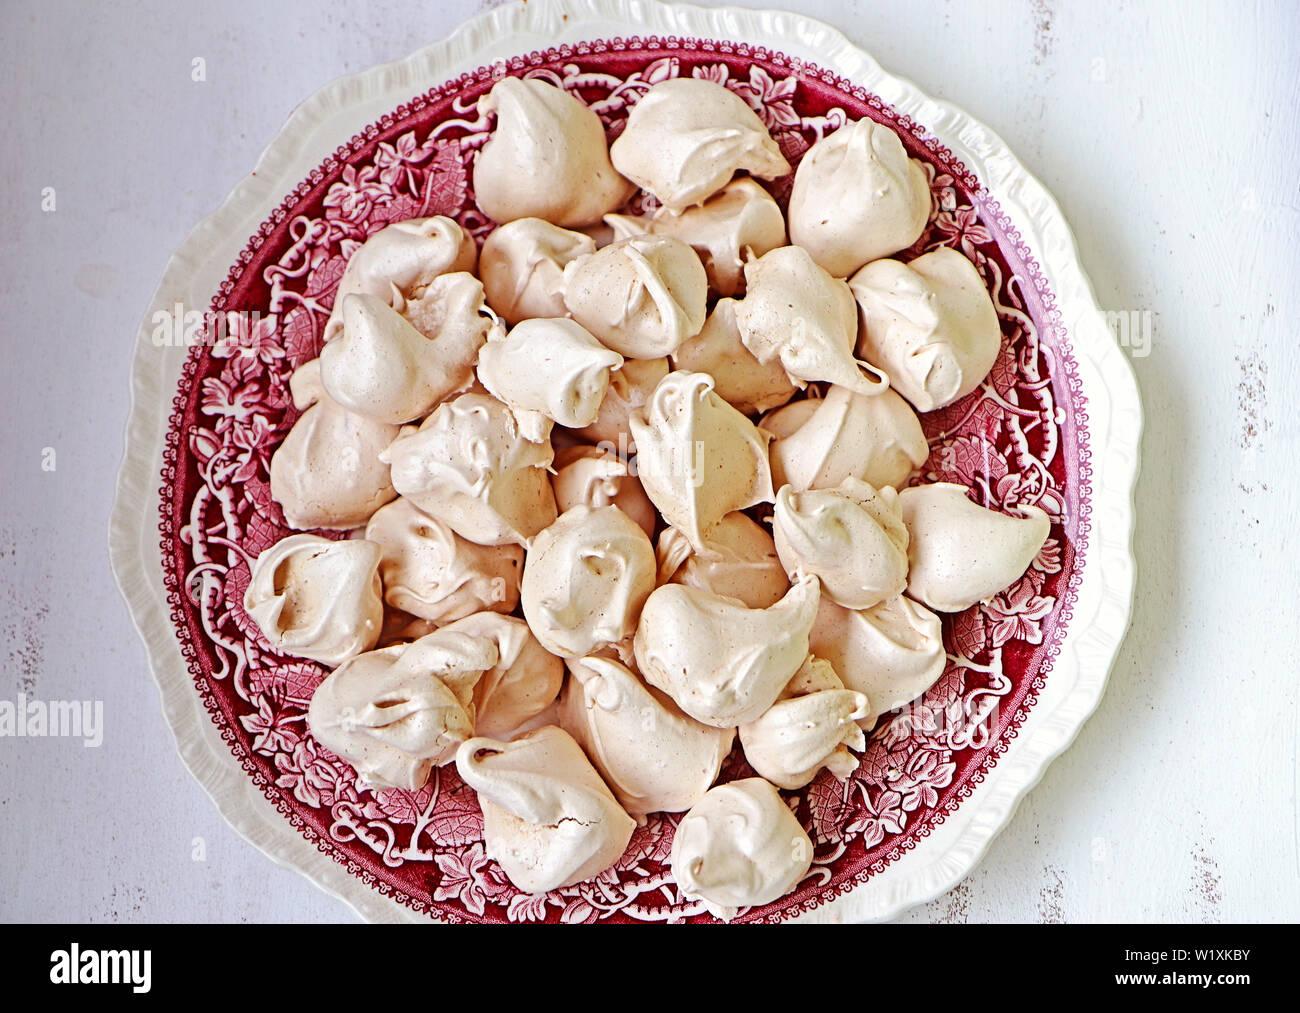 Des meringues à la vanille et cannelle sur une plaque de céramique vintage, délicieux dessert, vue du dessus Banque D'Images